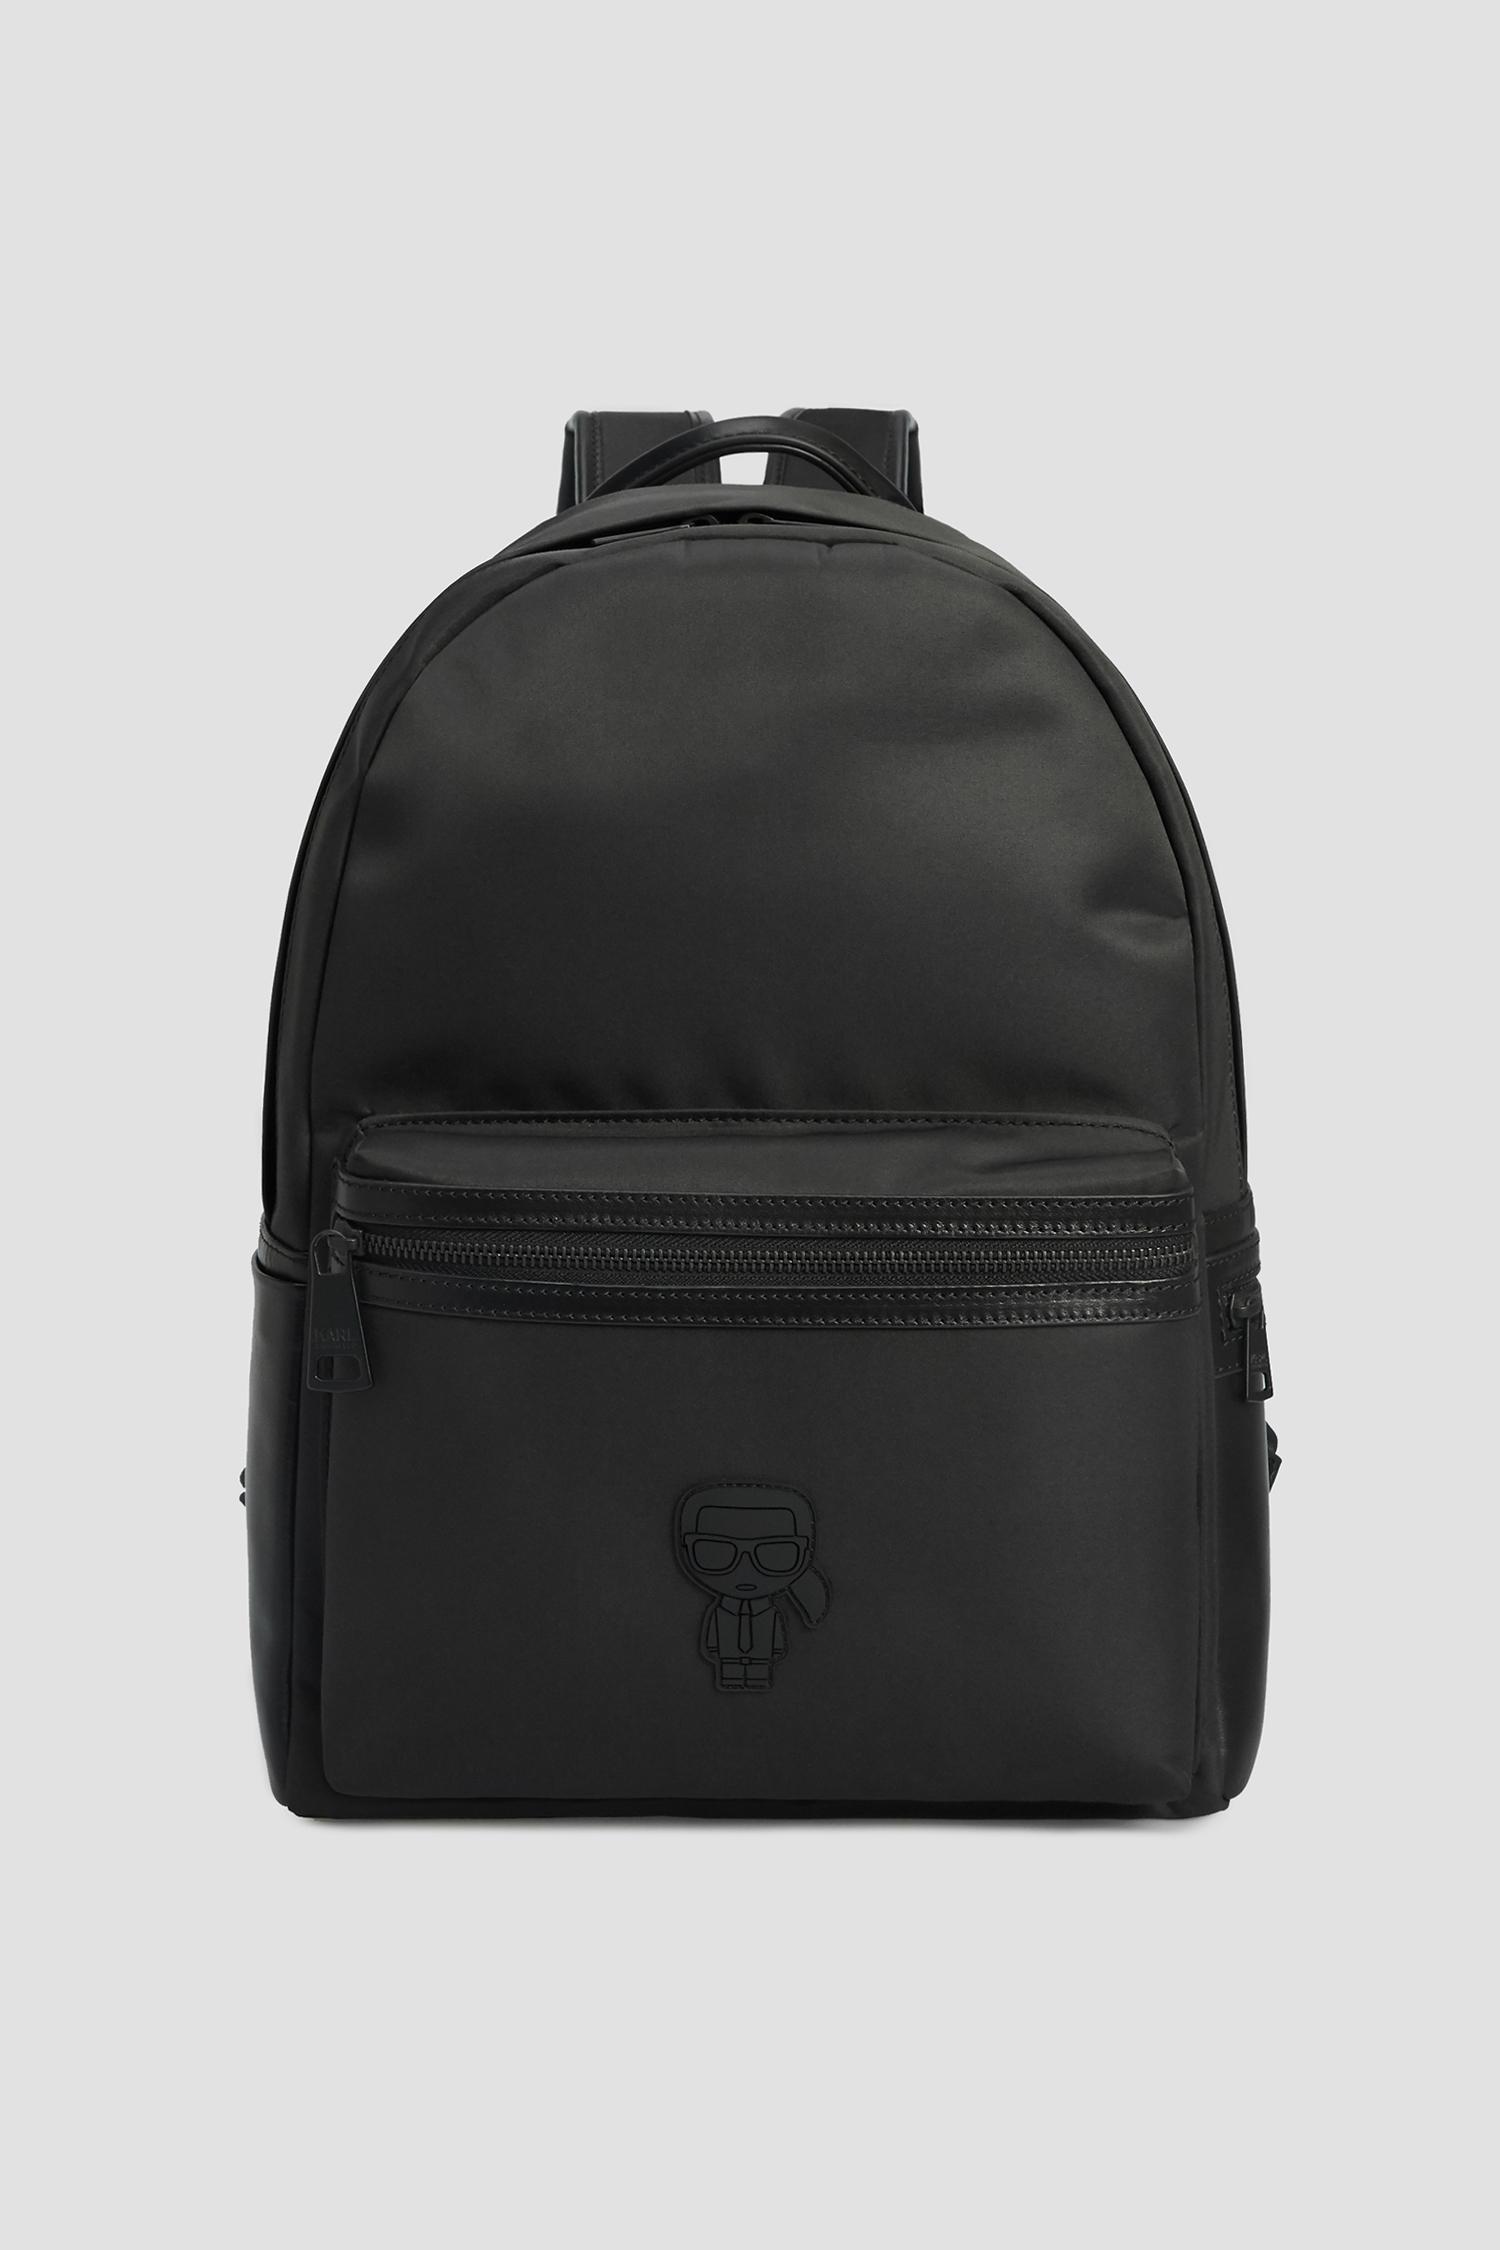 Чоловічий чорний рюкзак Karl Lagerfeld 502113.805901;990